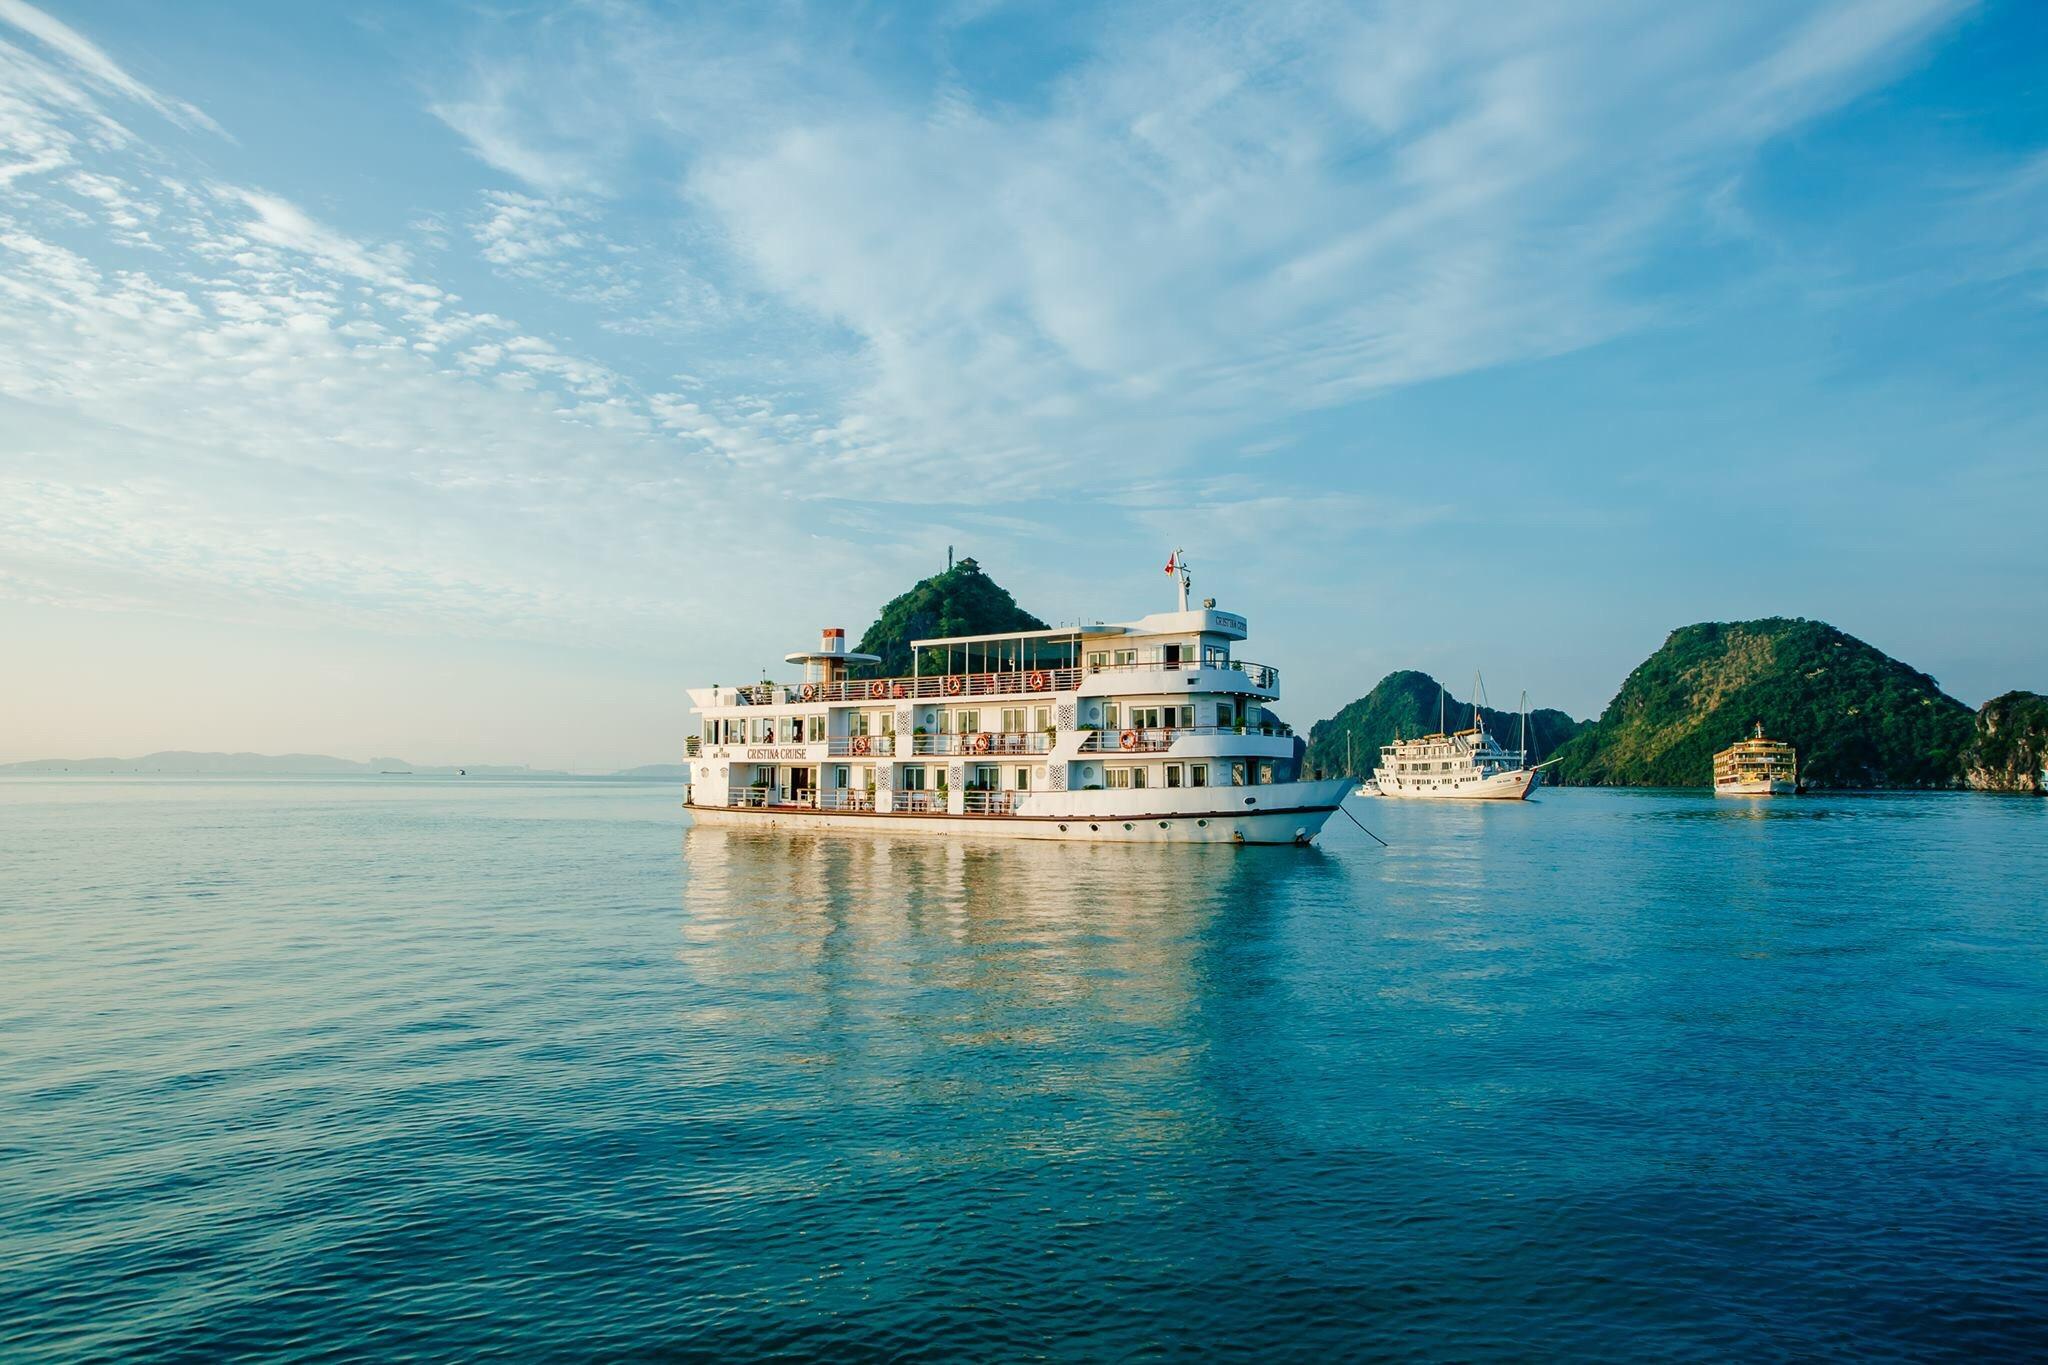 boat-sea-vacation-bay-boats-life-seashore-holidays-oceans-halongbay_t20_X2O1db